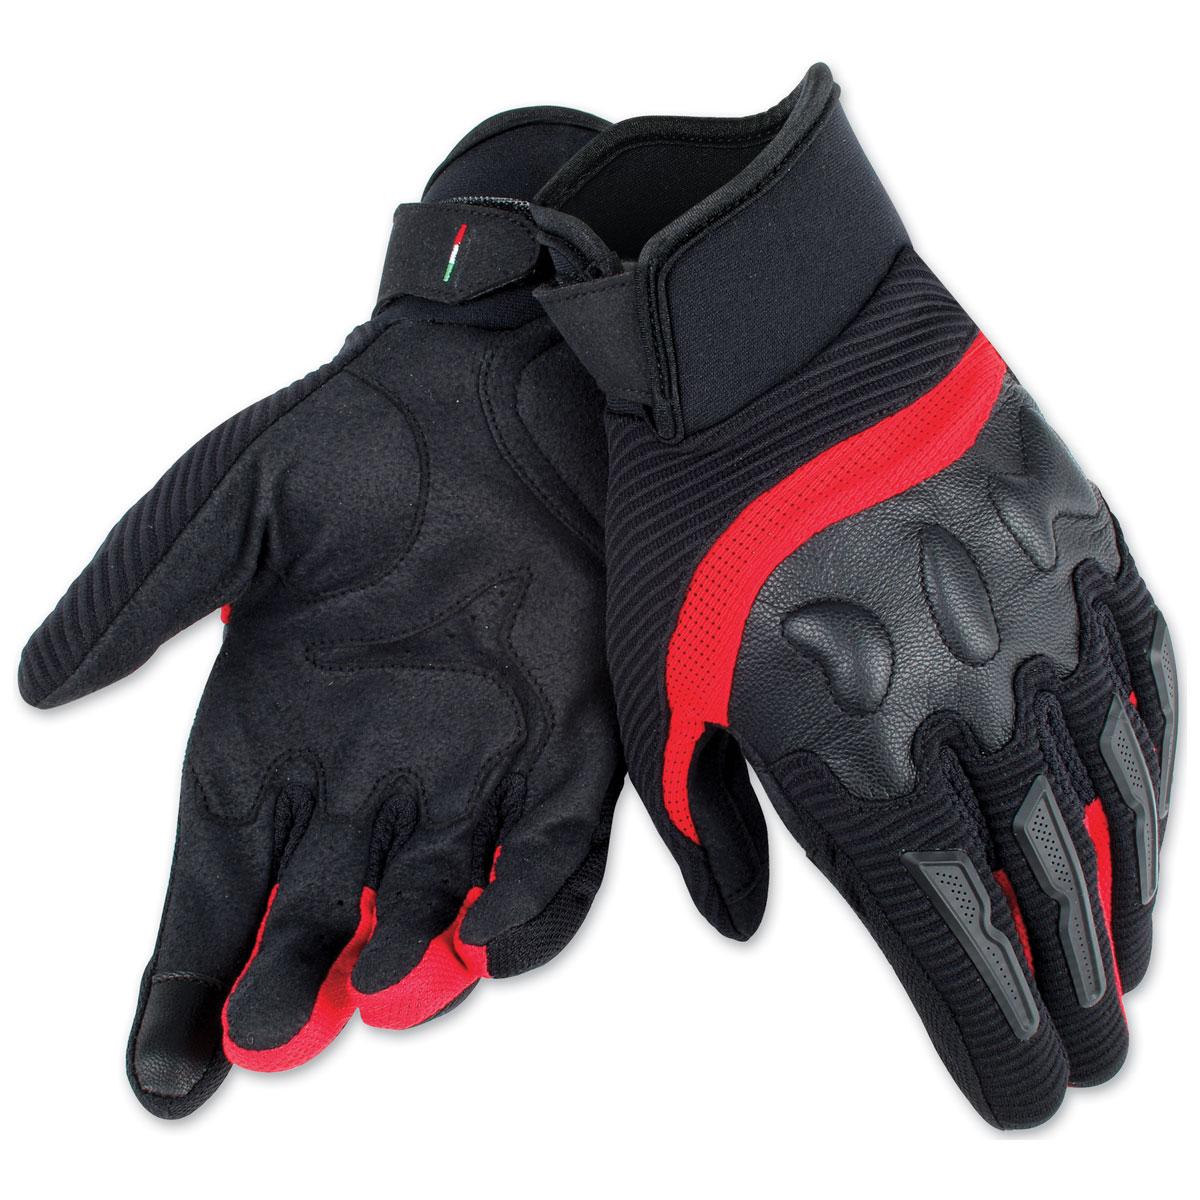 Dainese Unisex Air Frame Black/Red Gloves